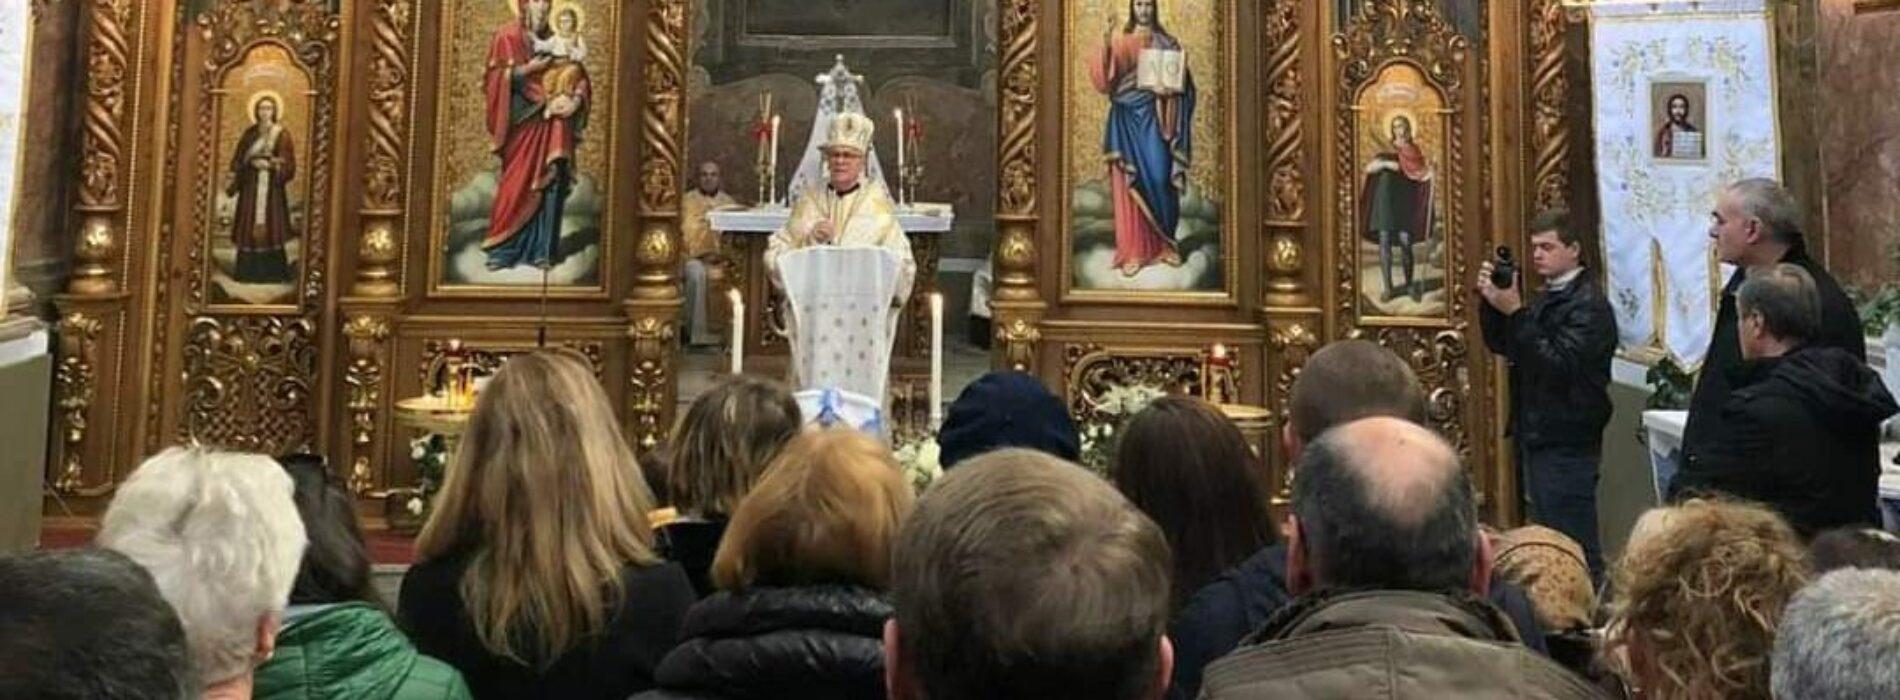 Il Natale dopo il Natale! Gli ortodossi festeggiano il 7 gennaio